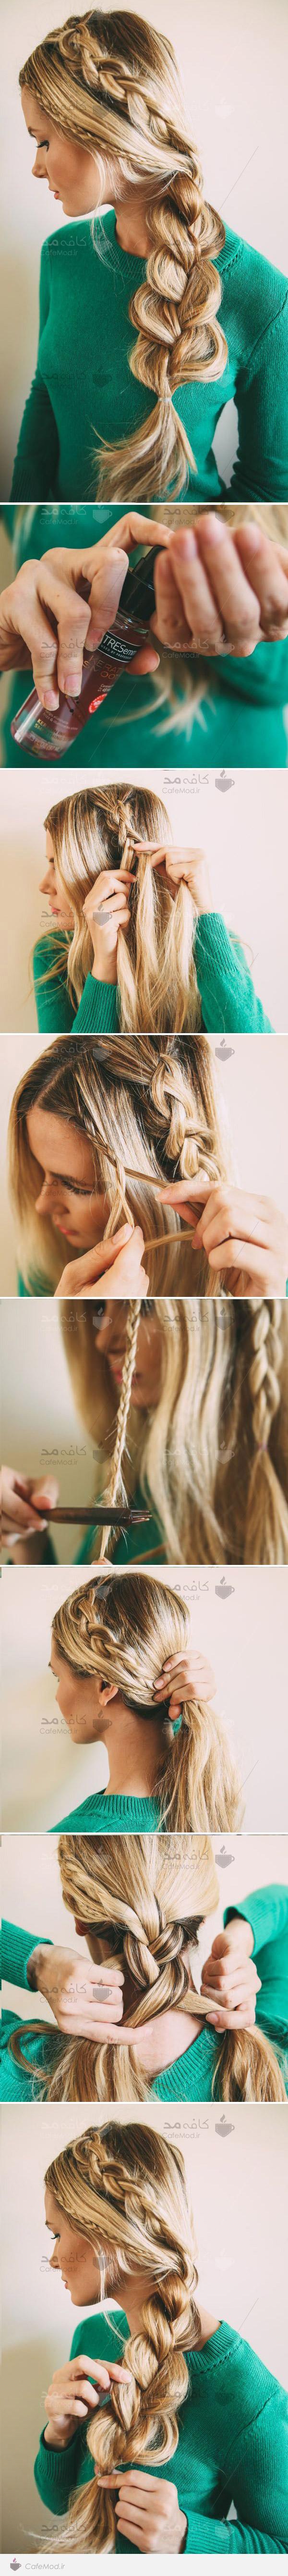 آموزش سه بافت در مو